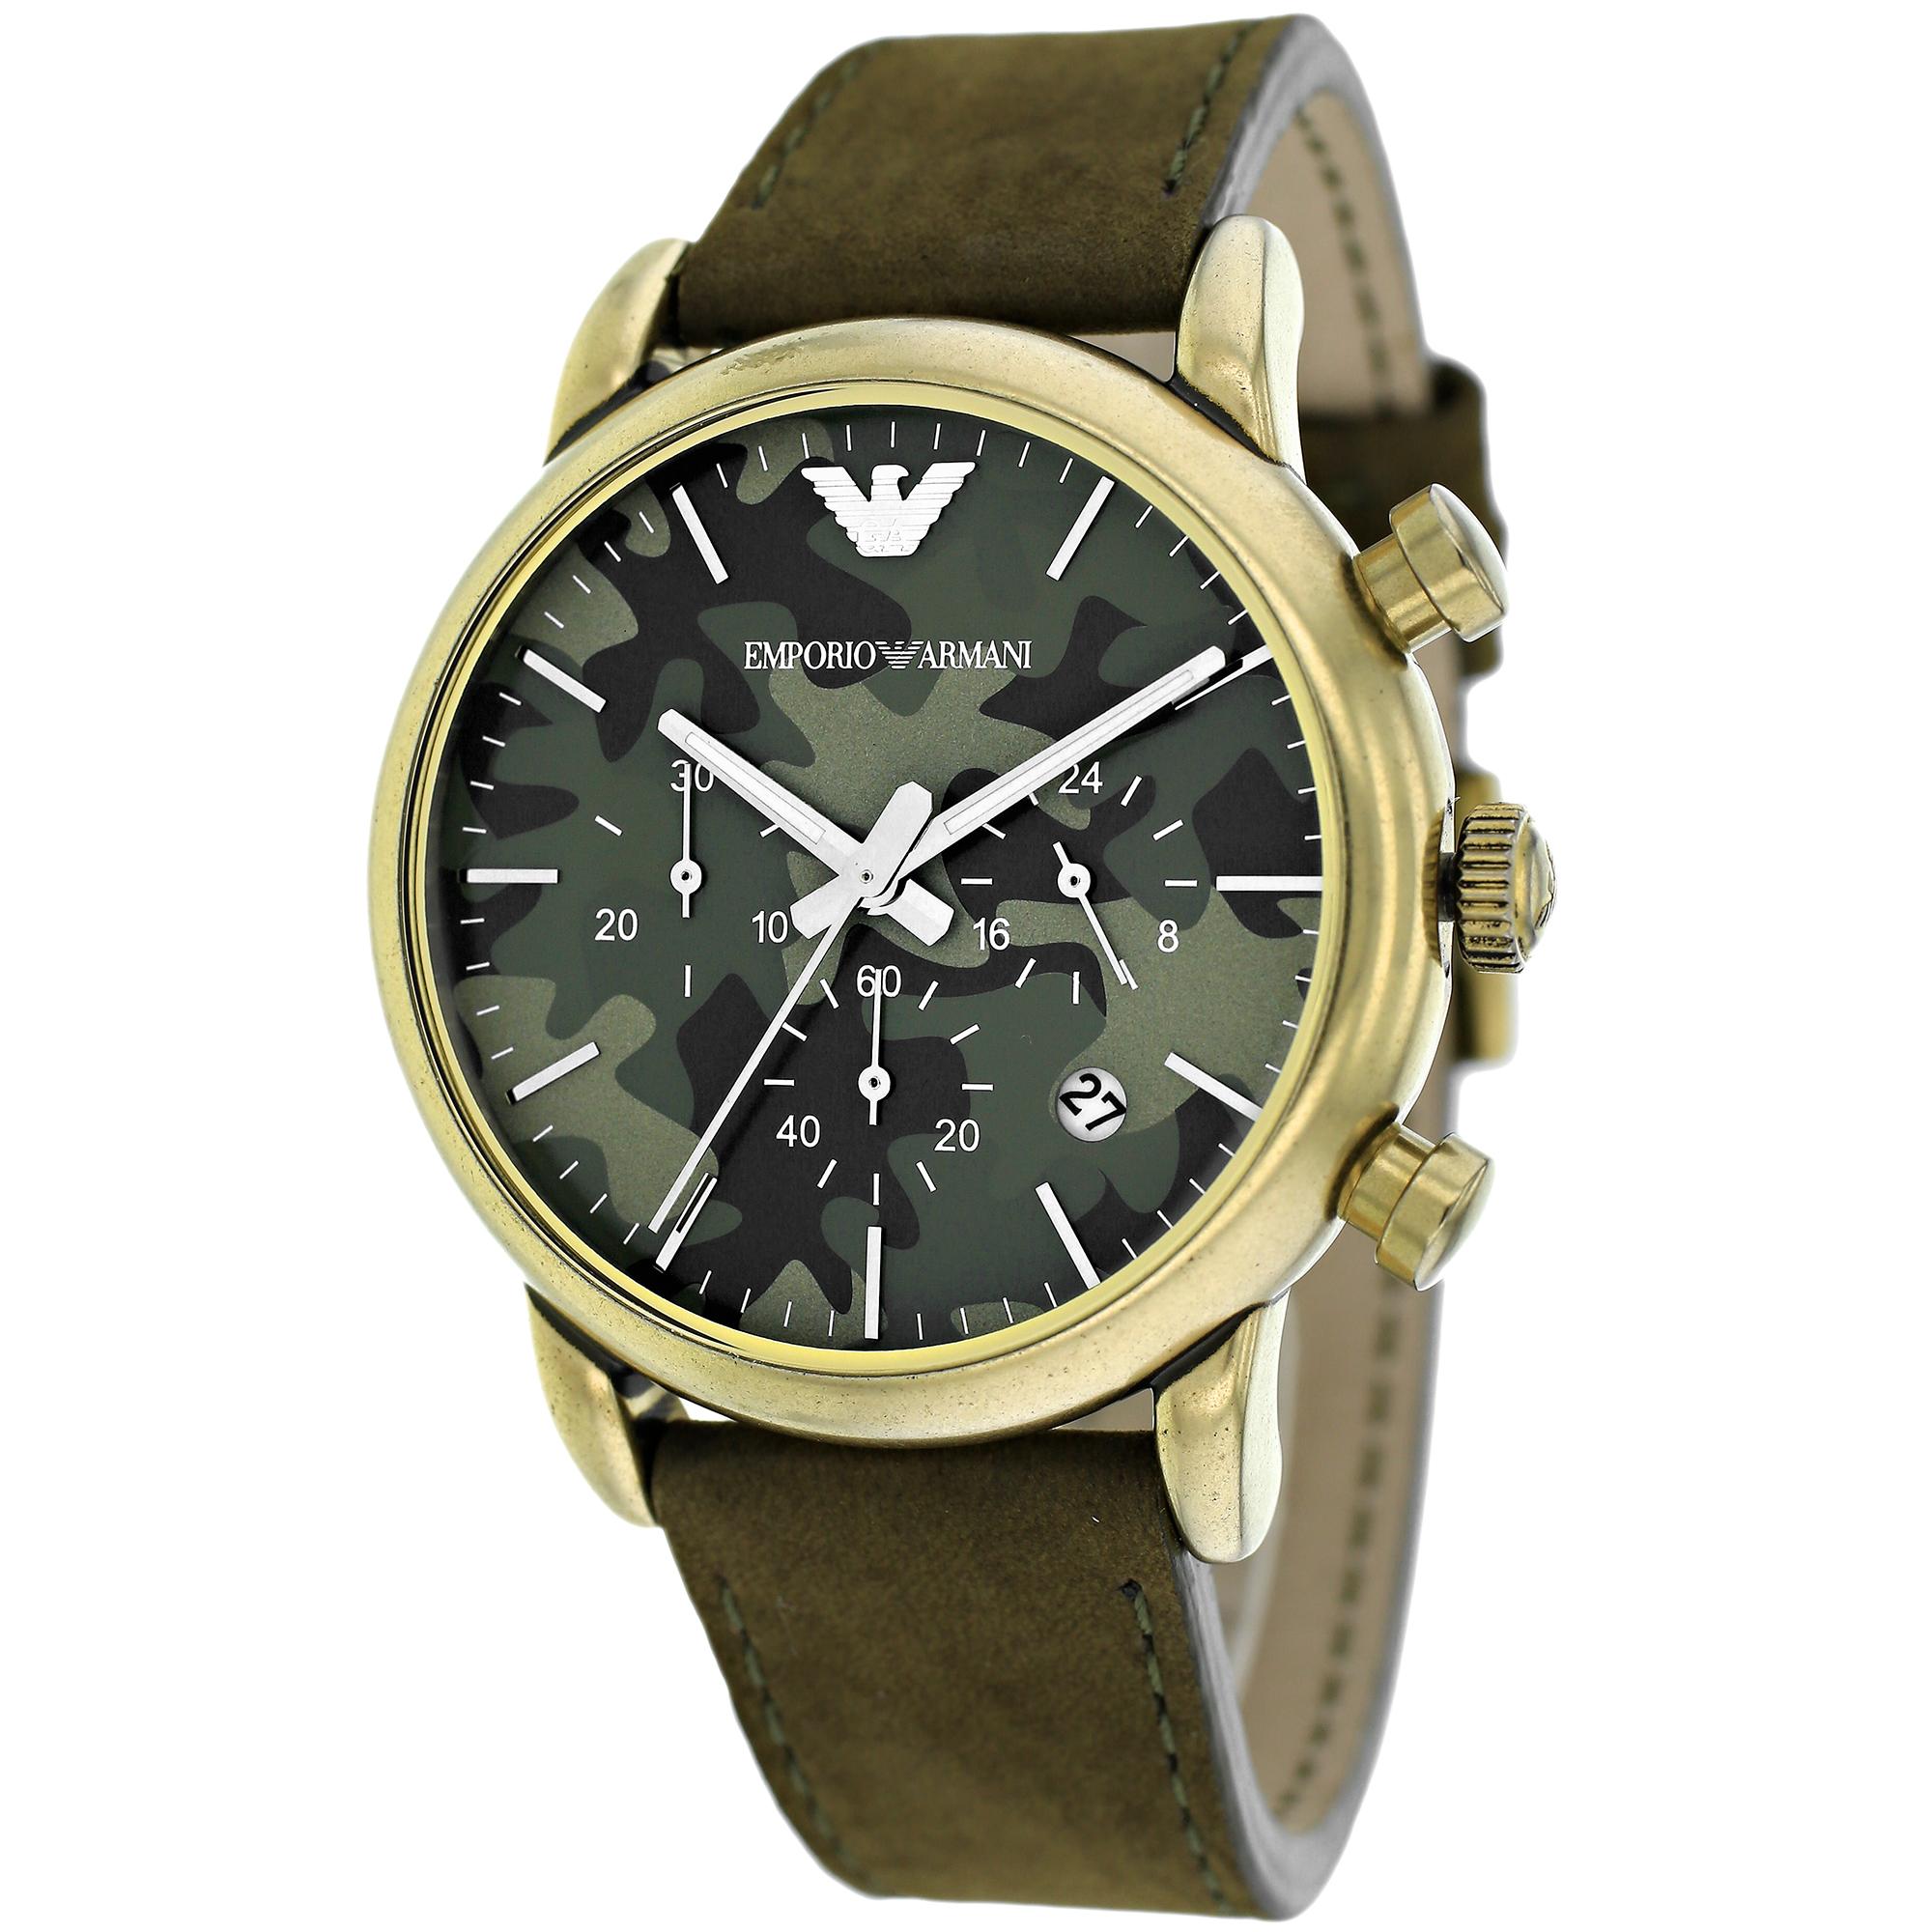 Emporio Armani AR1818 Men's Watch